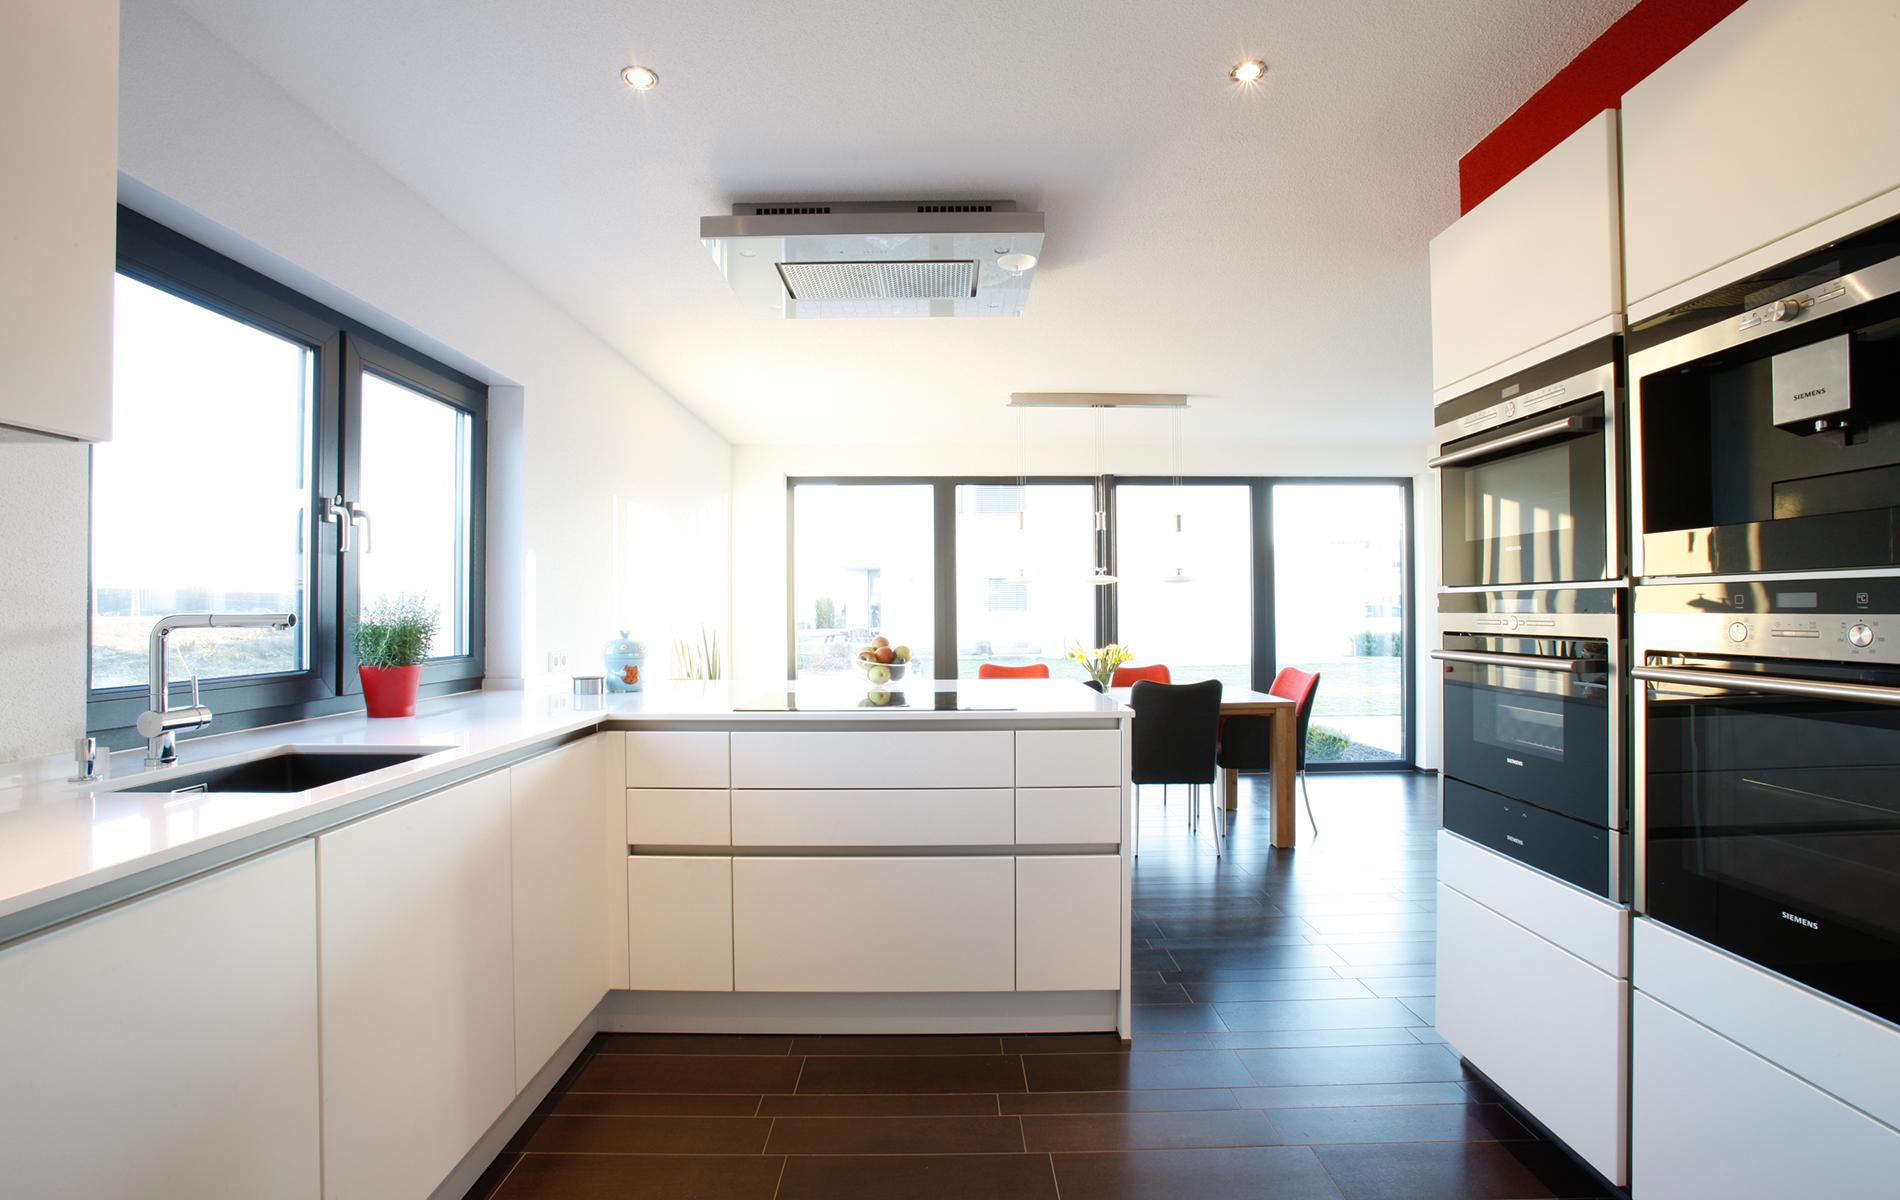 Architektur Trend - Küche